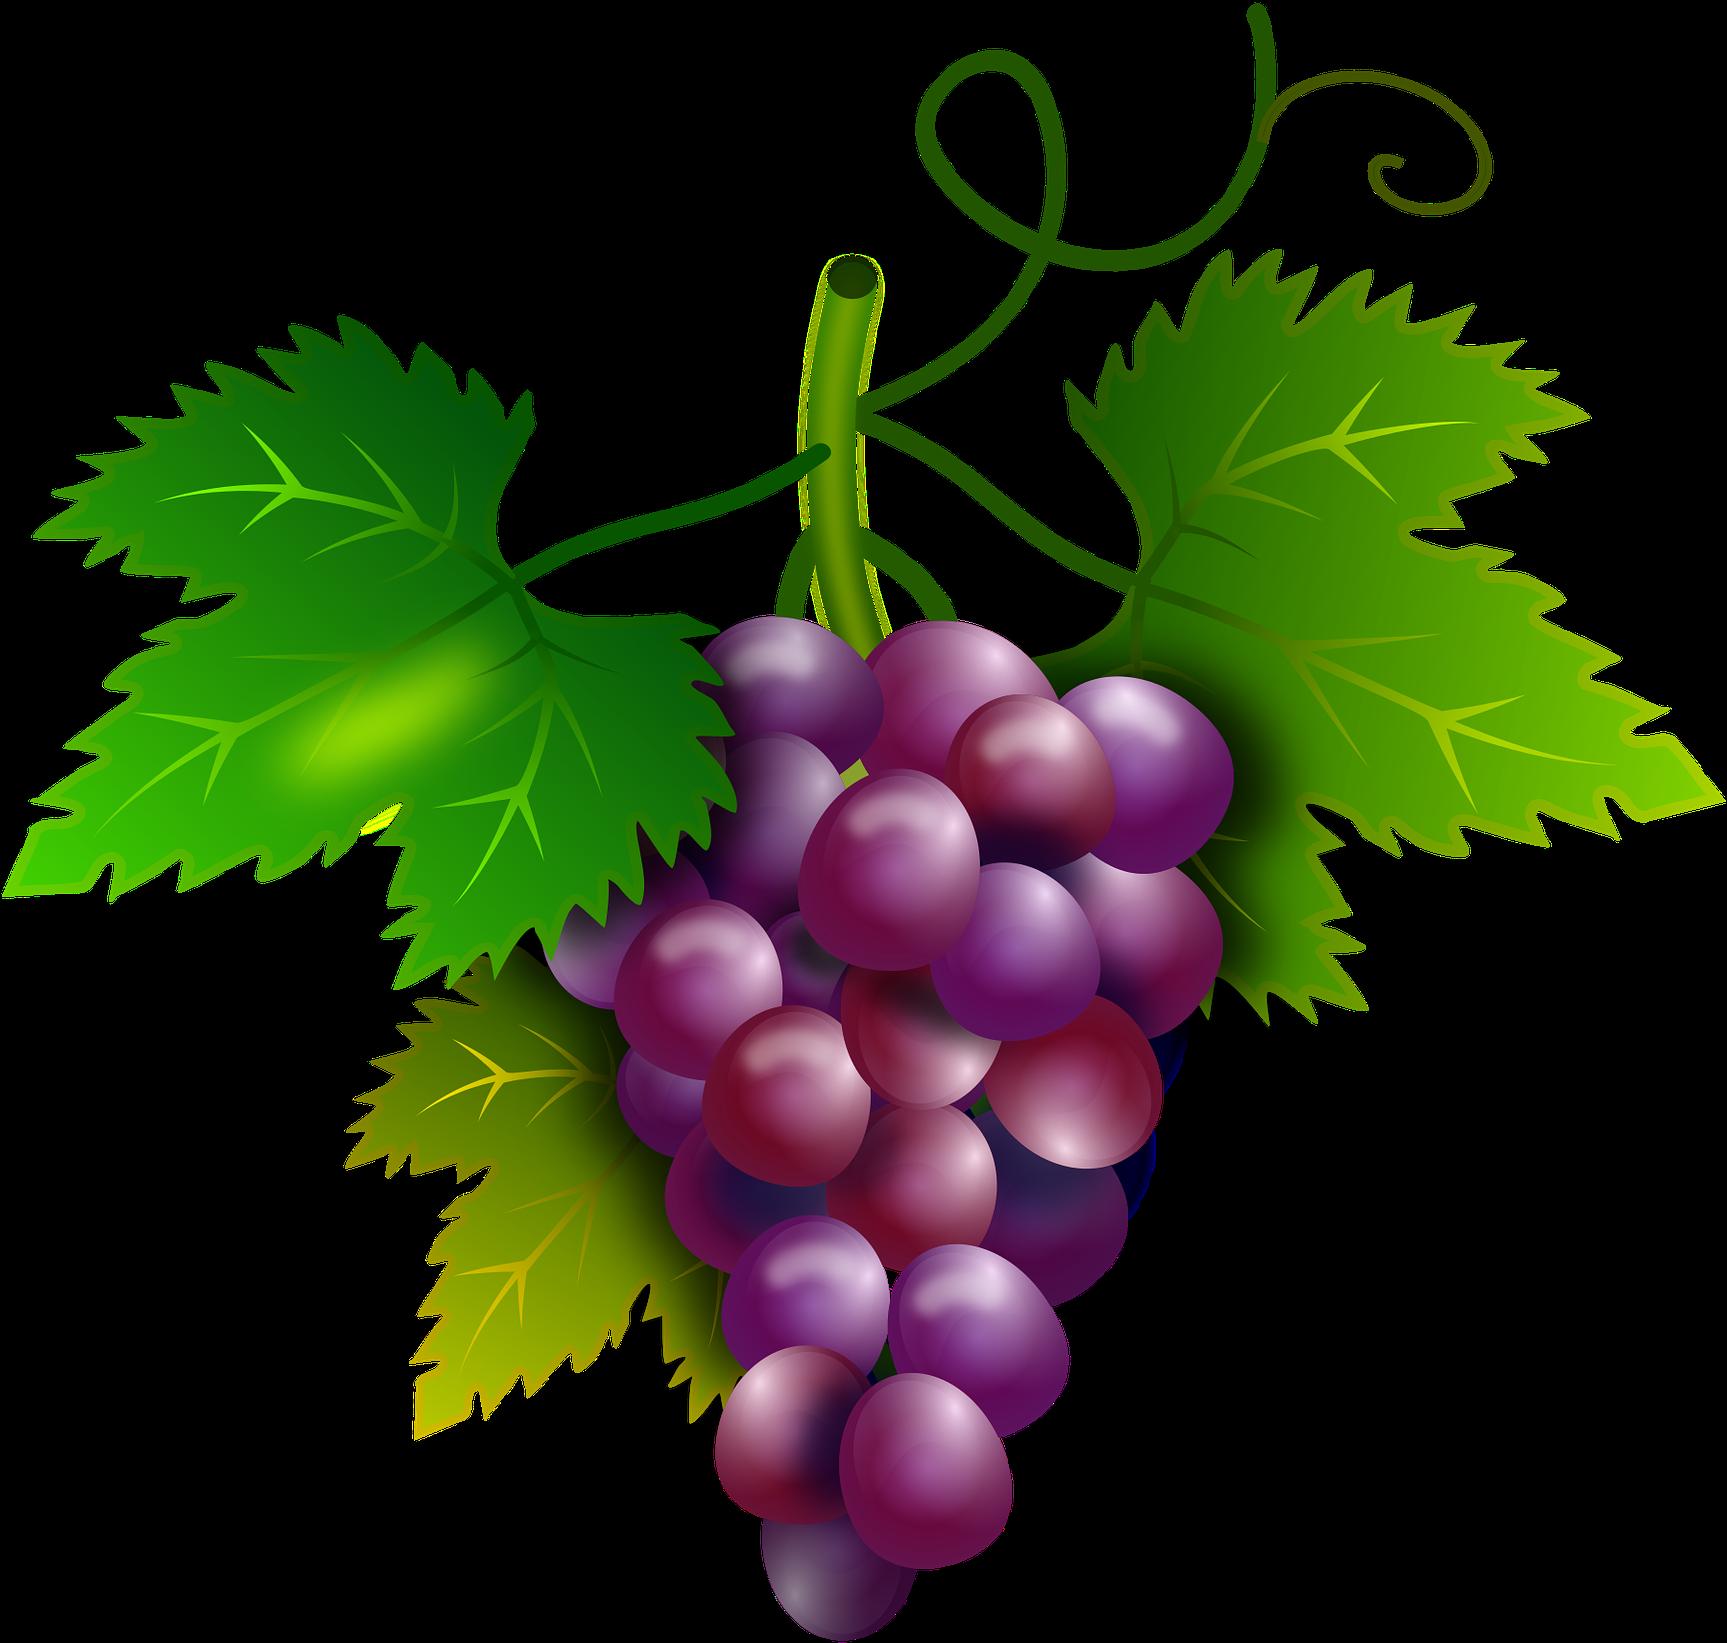 Grapes clipart purple food. Cacho de uva png